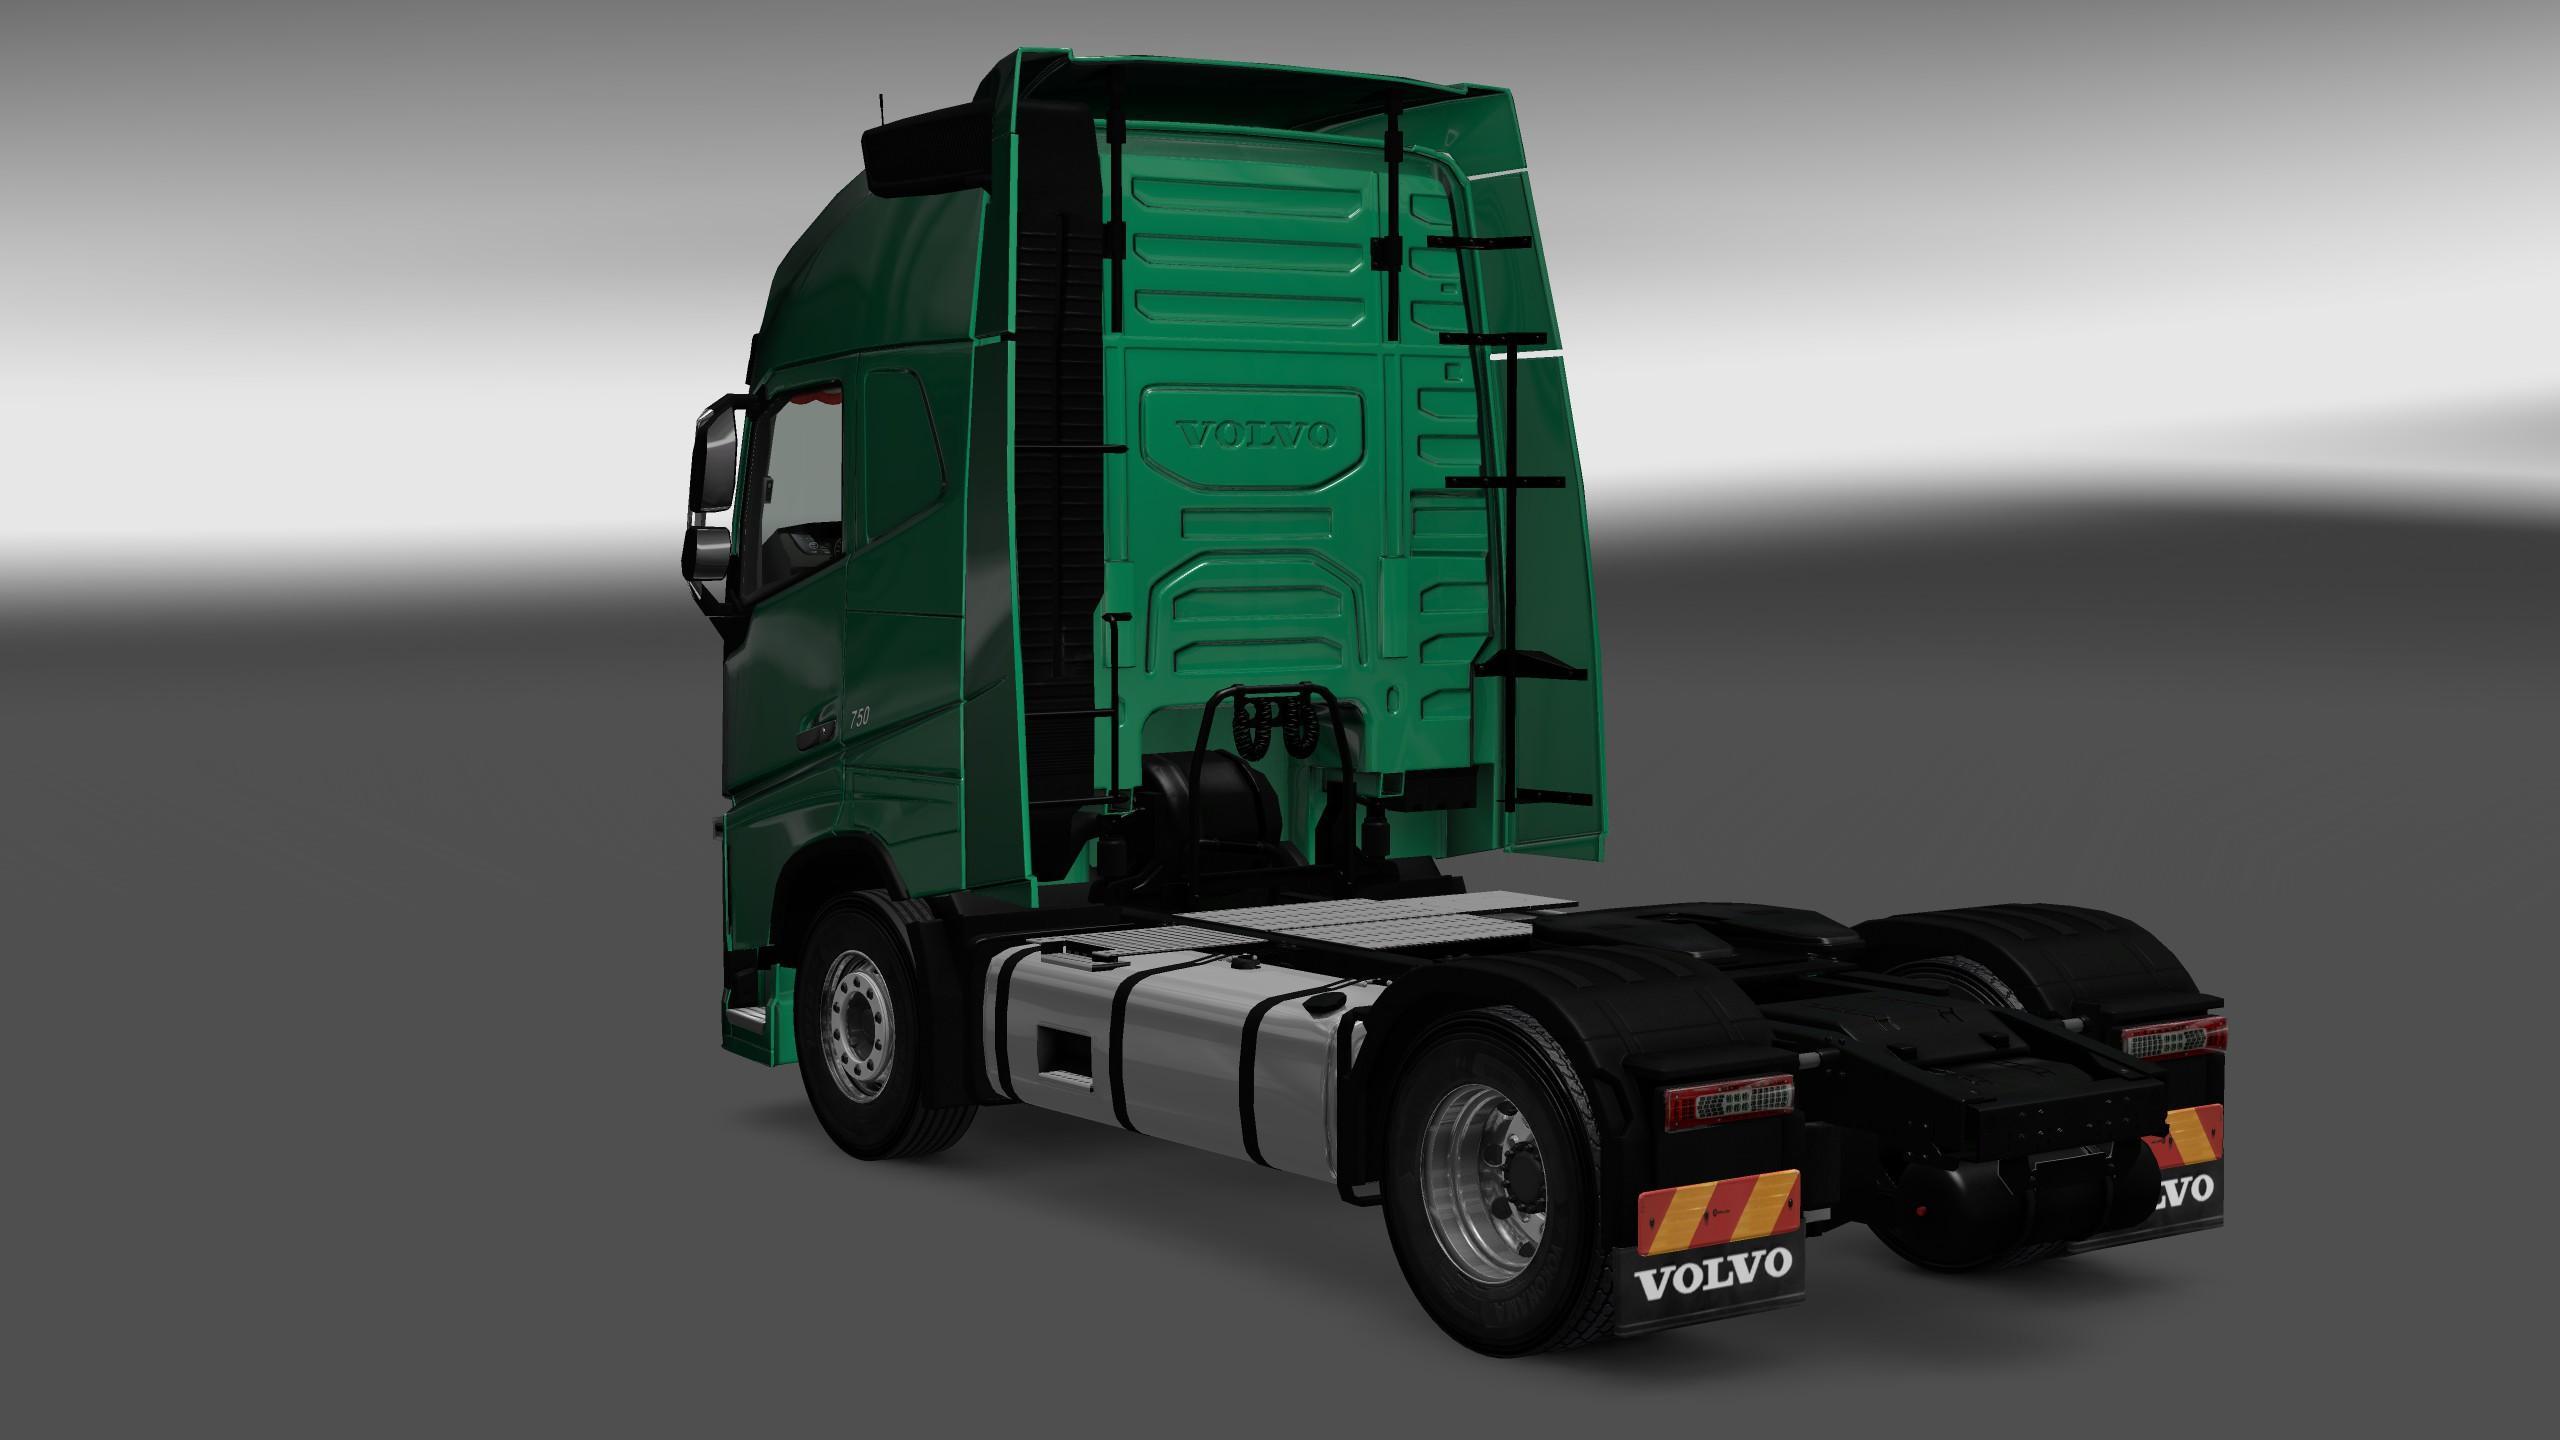 VOLVO FH16 2012 INTERIOR/EXTERIOR REWORK V1.1 Mod -Euro Truck Simulator 2 Mods